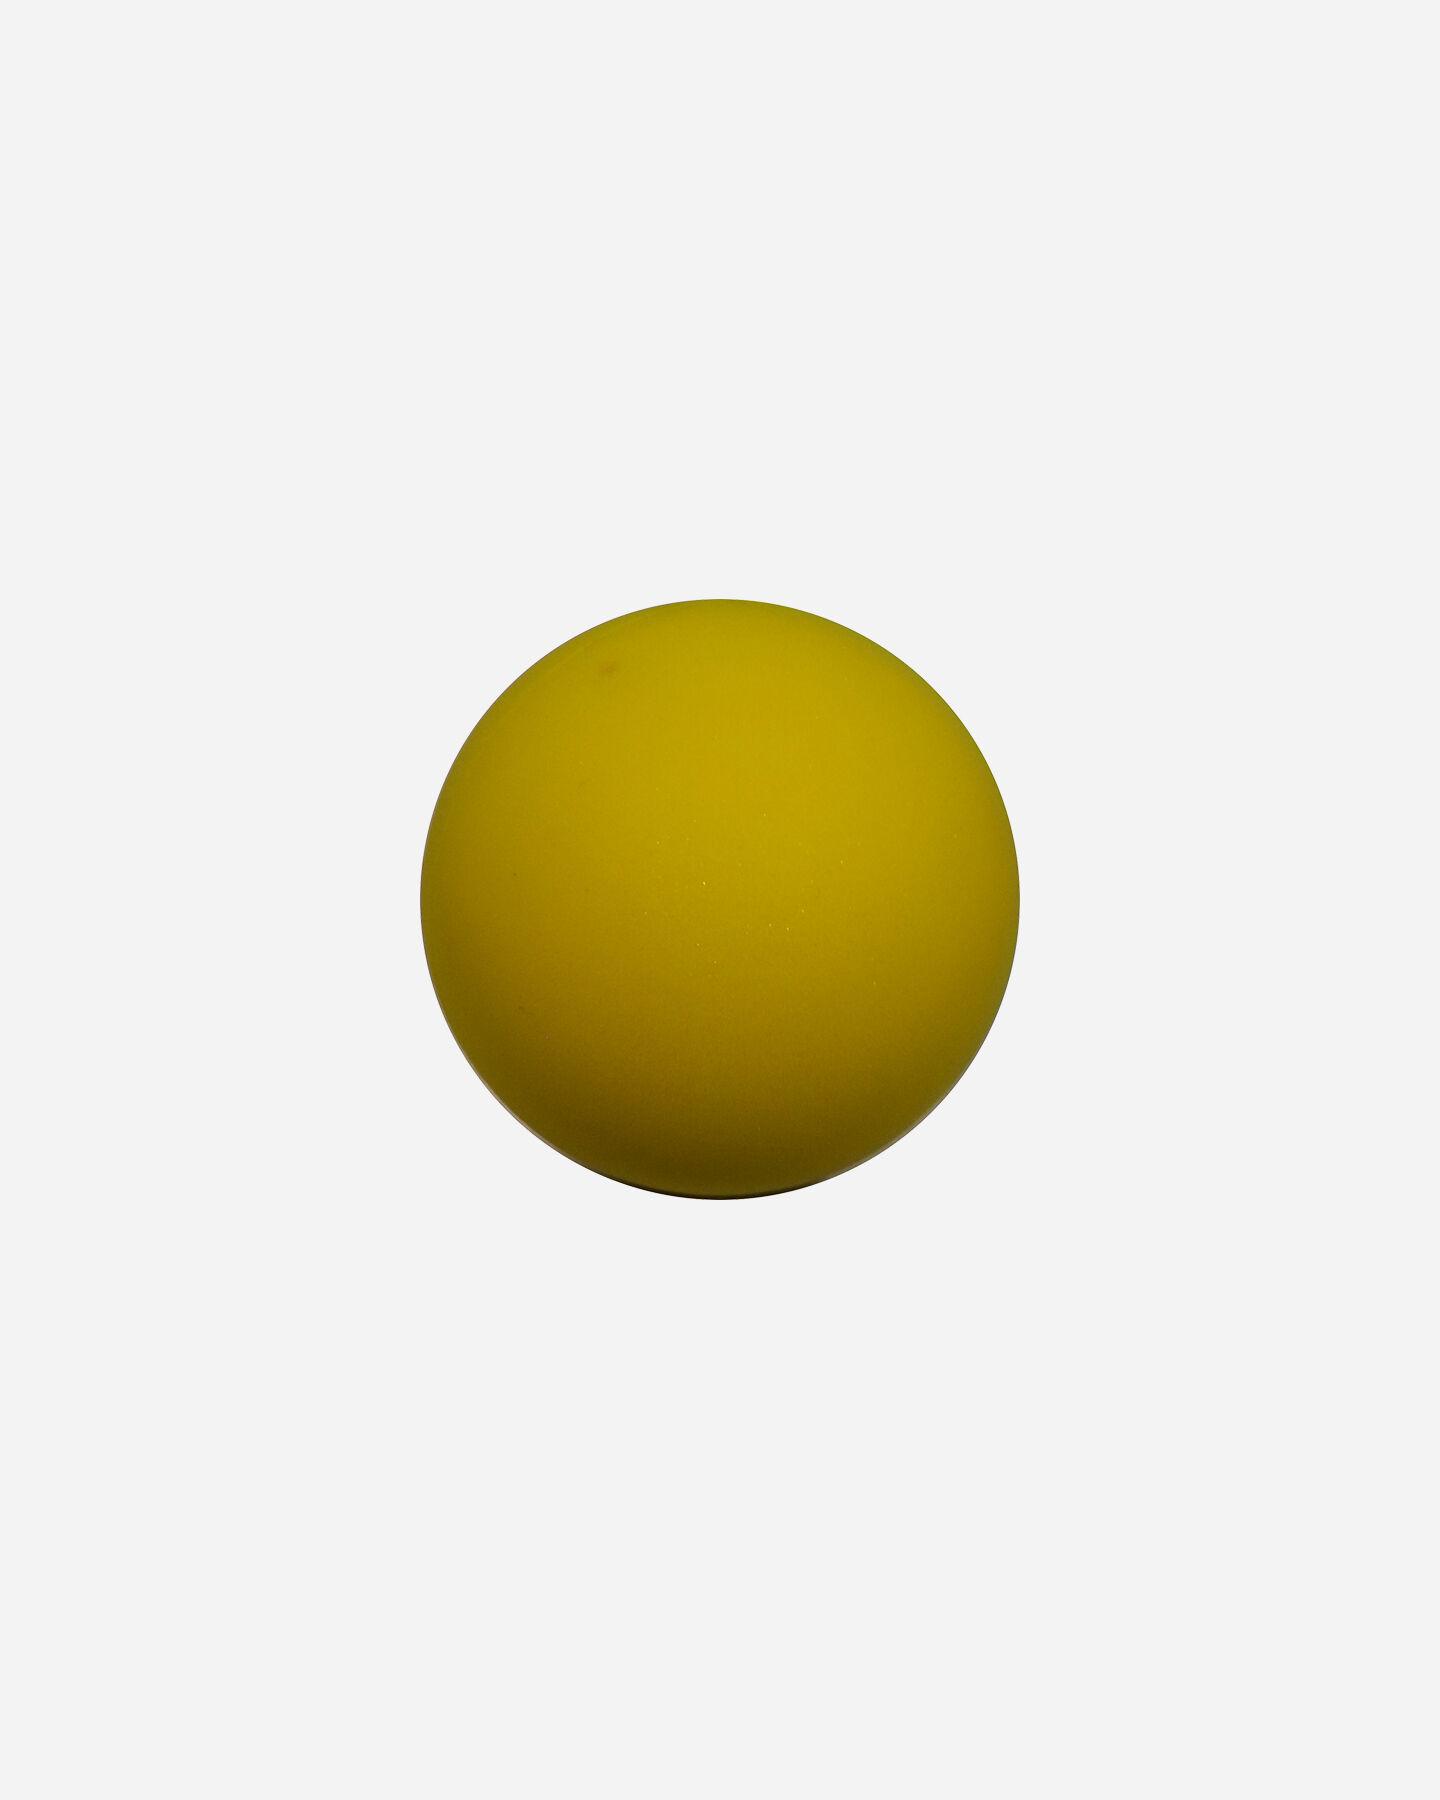 Pallone sport vari ATABIANO PALLE SPUGNA D70 3PZ S4001909 1 UNI scatto 1